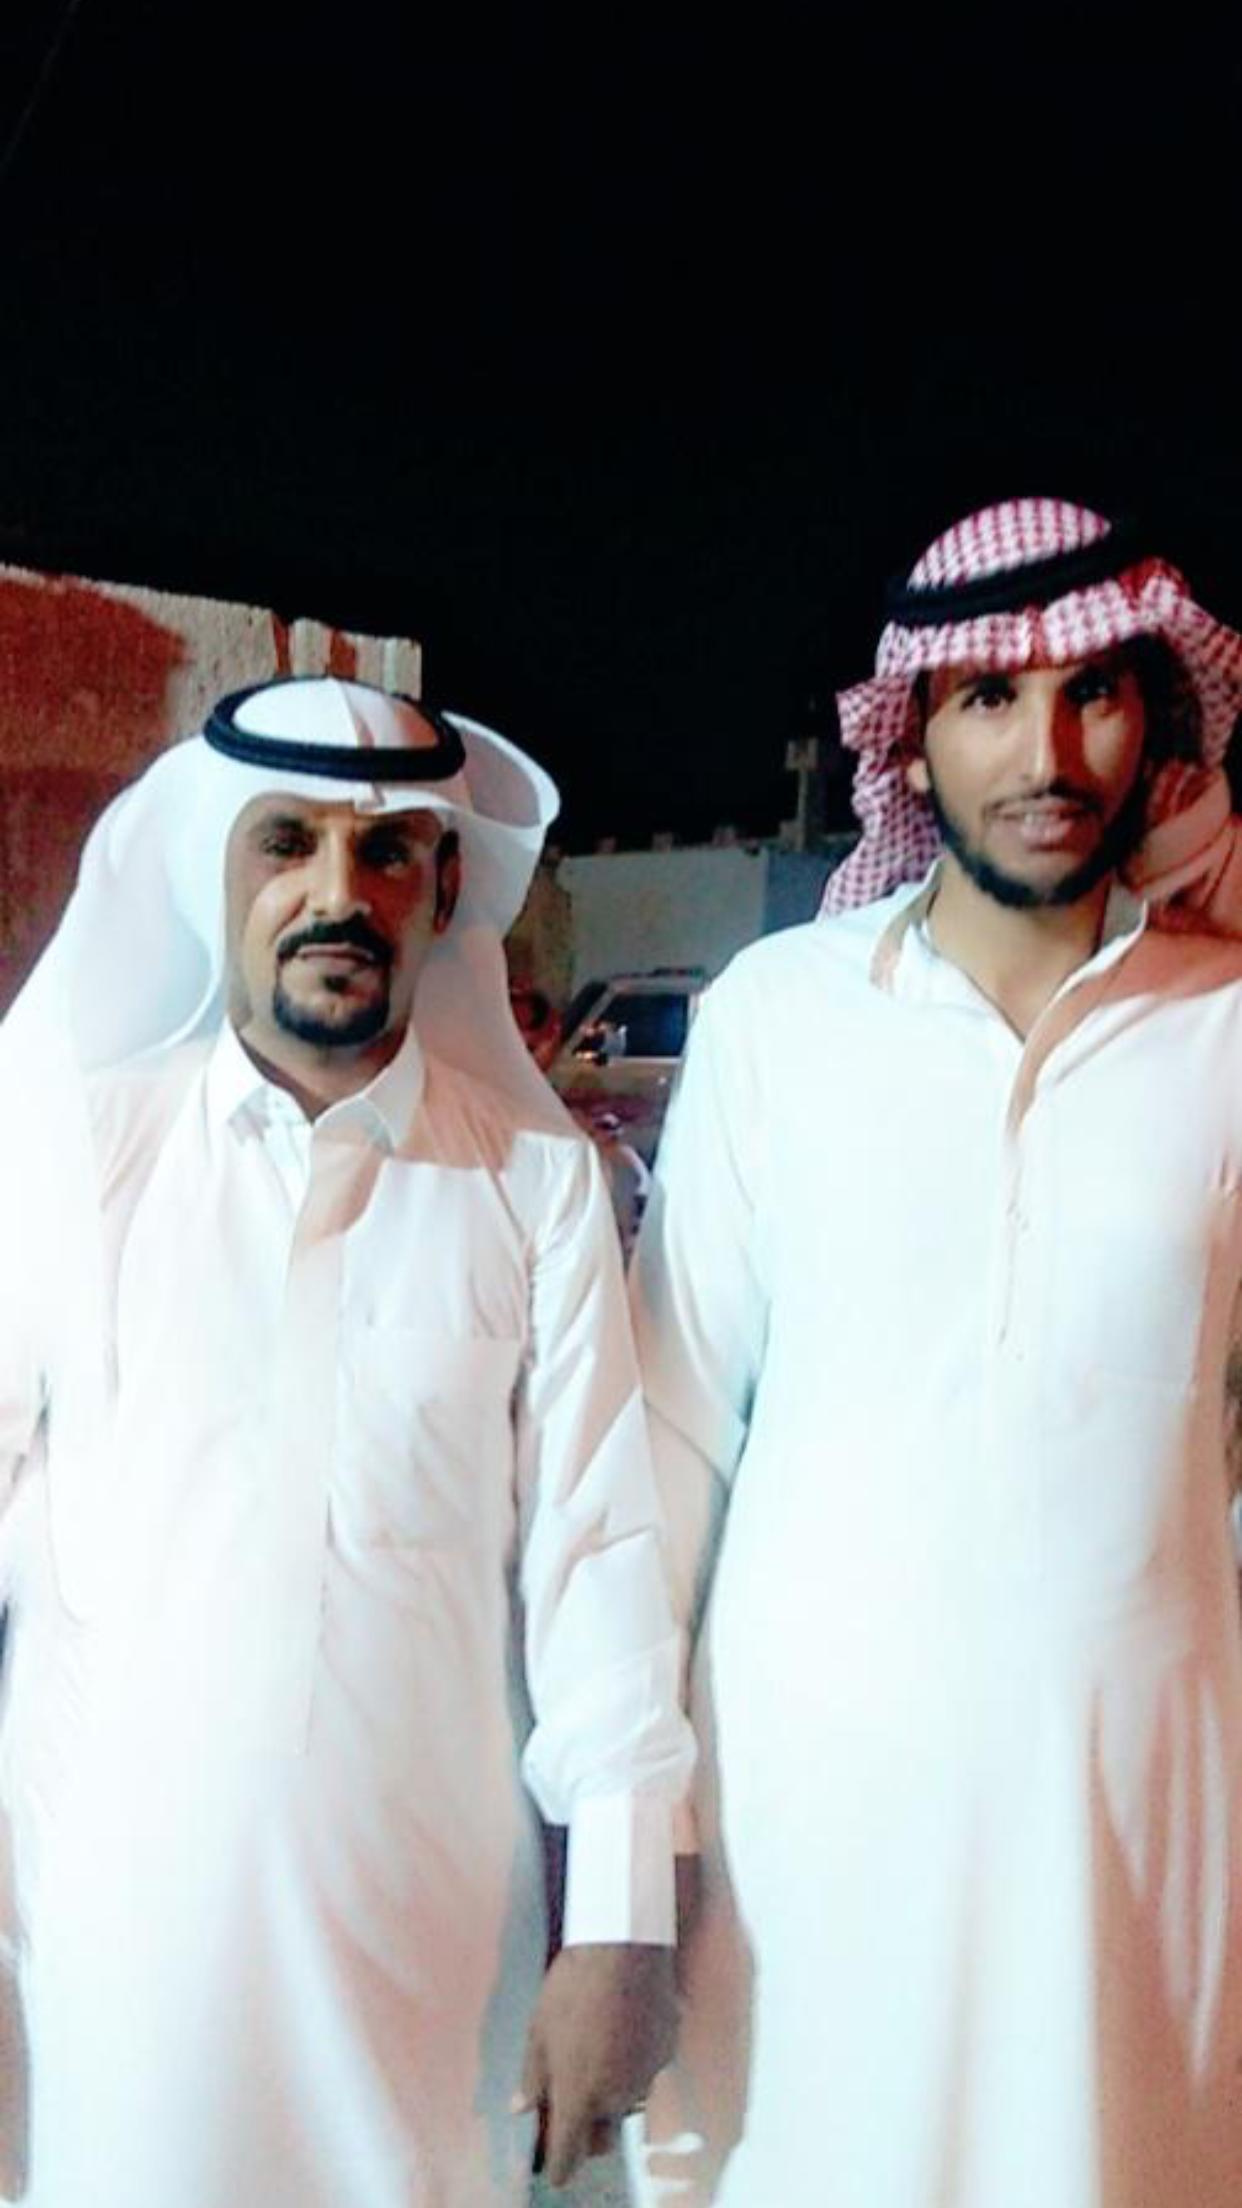 الشاب / حمدان فرج الجحم البلوي يحتفل بزواجه 32BBE157 CF95 454D 996B 739C13F828C1